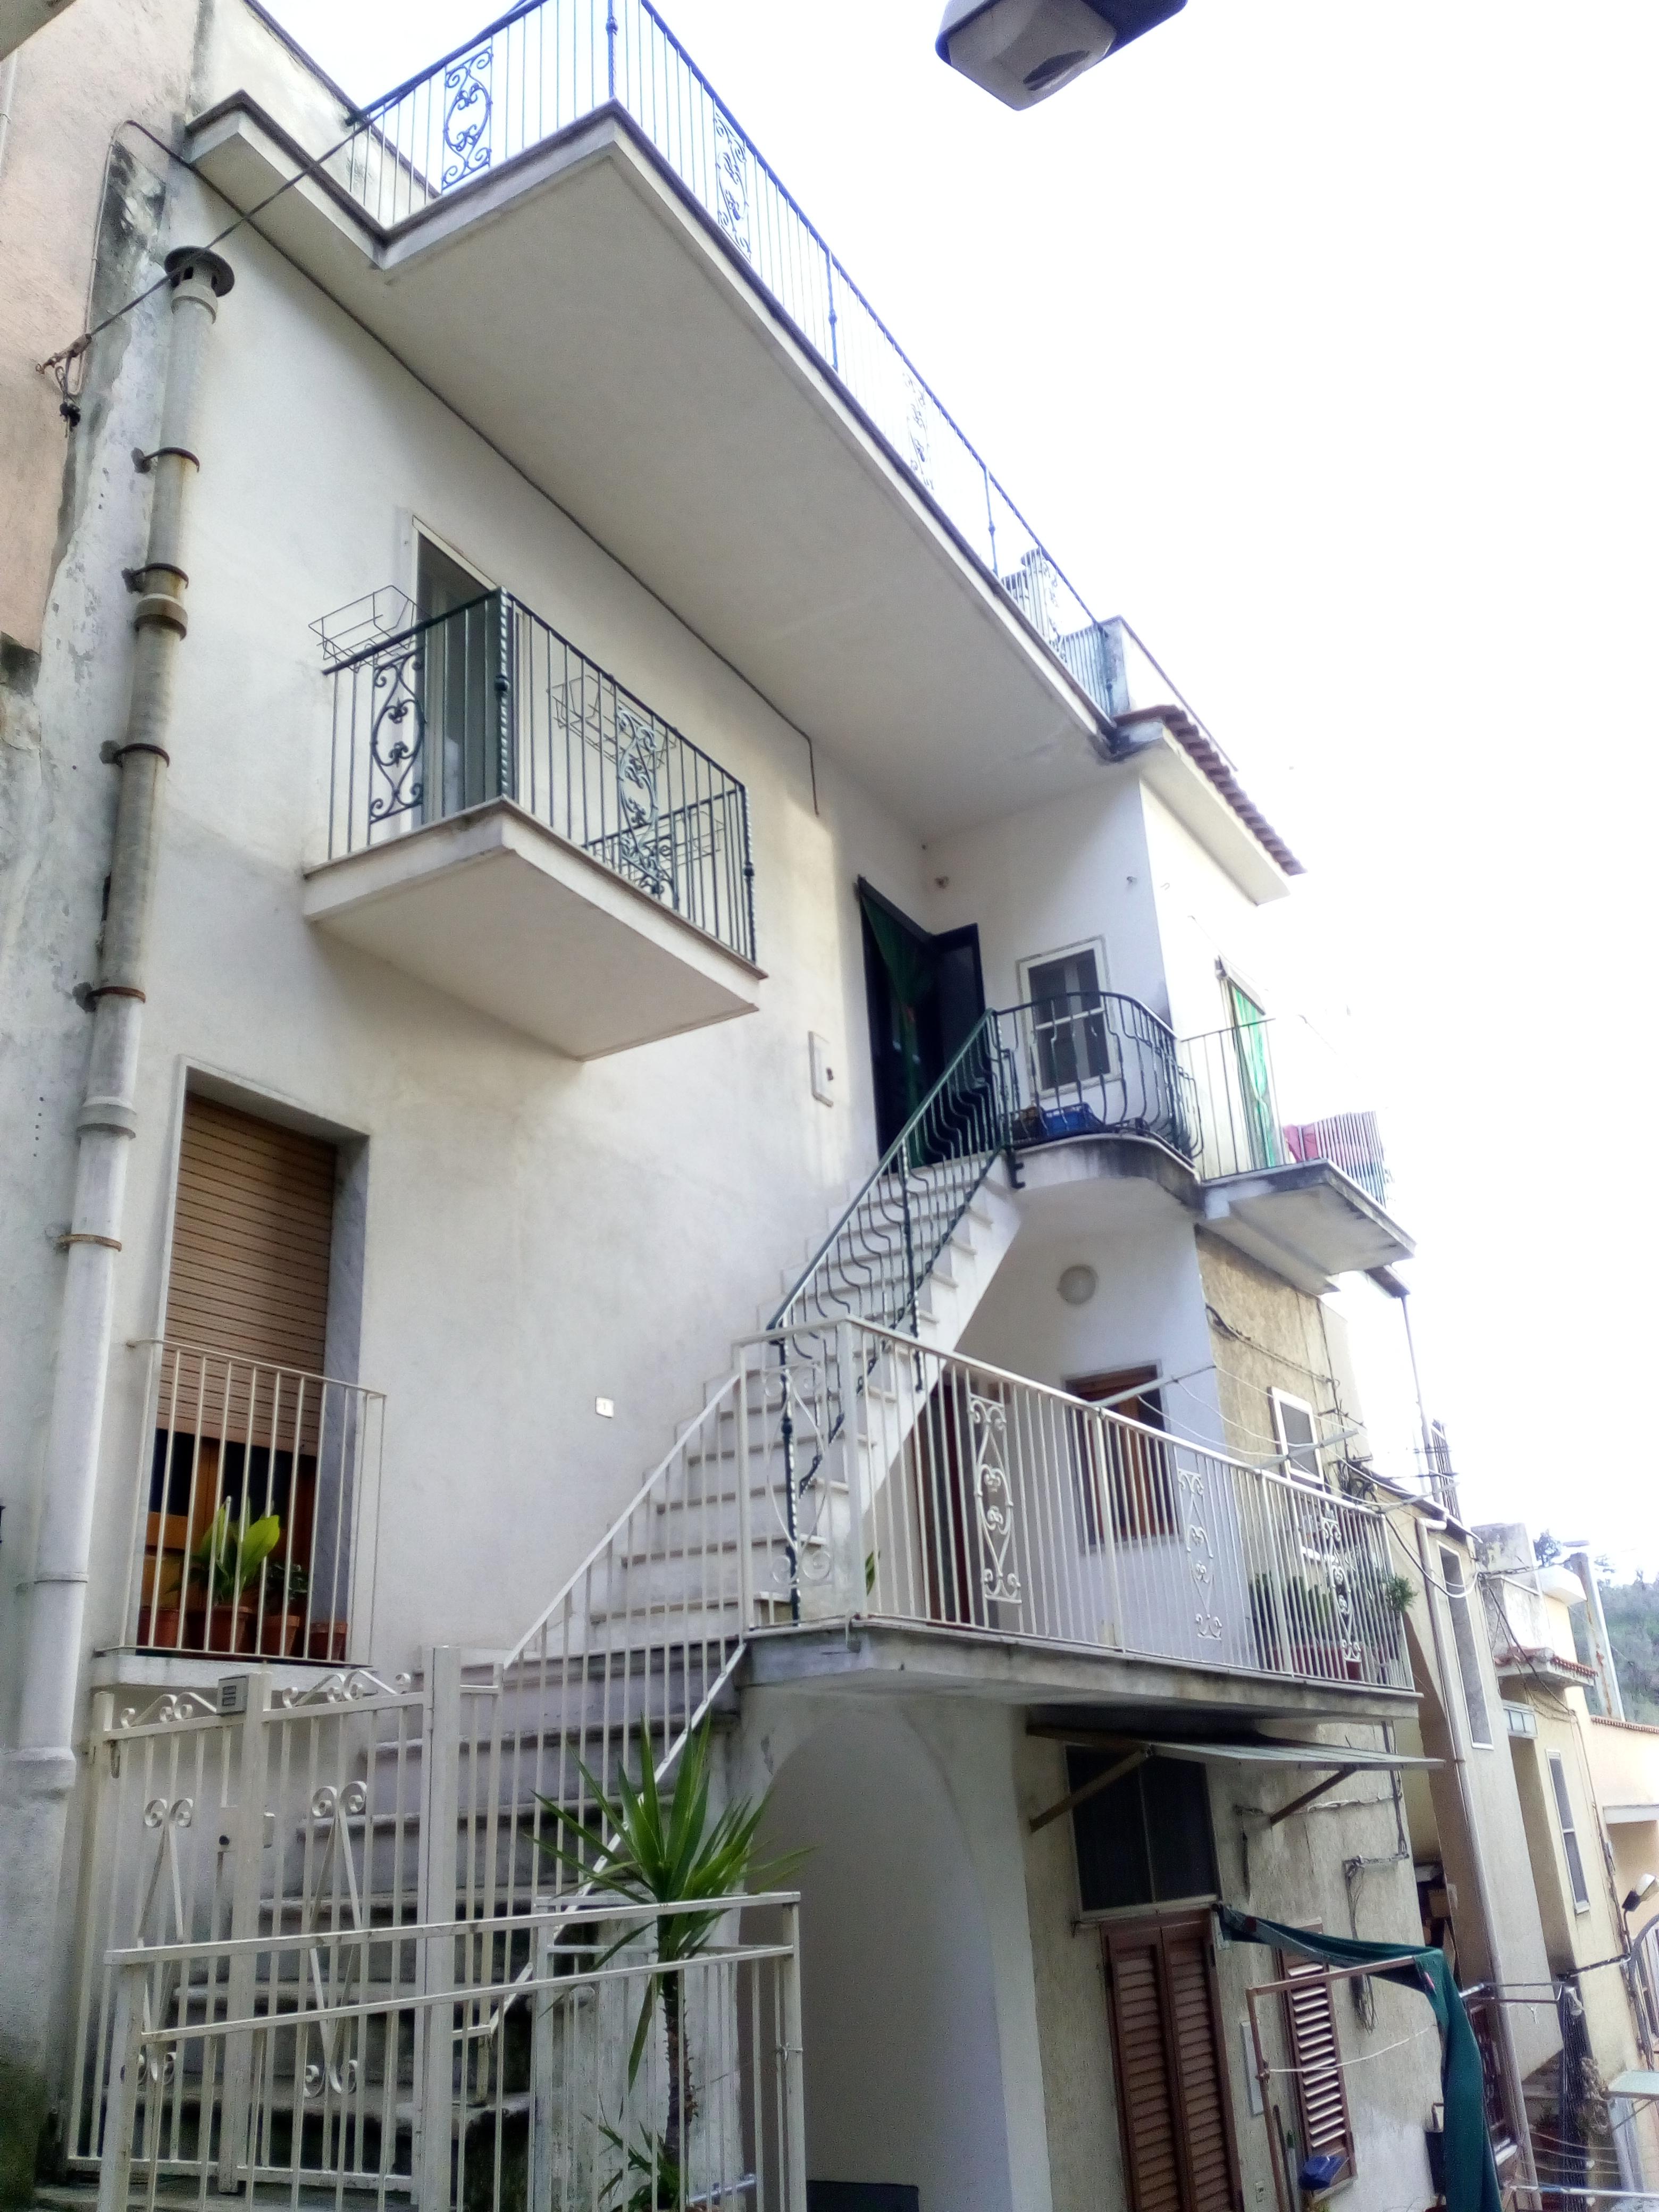 Appartamento in vendita a Ischitella, 3 locali, prezzo € 90.000 | PortaleAgenzieImmobiliari.it